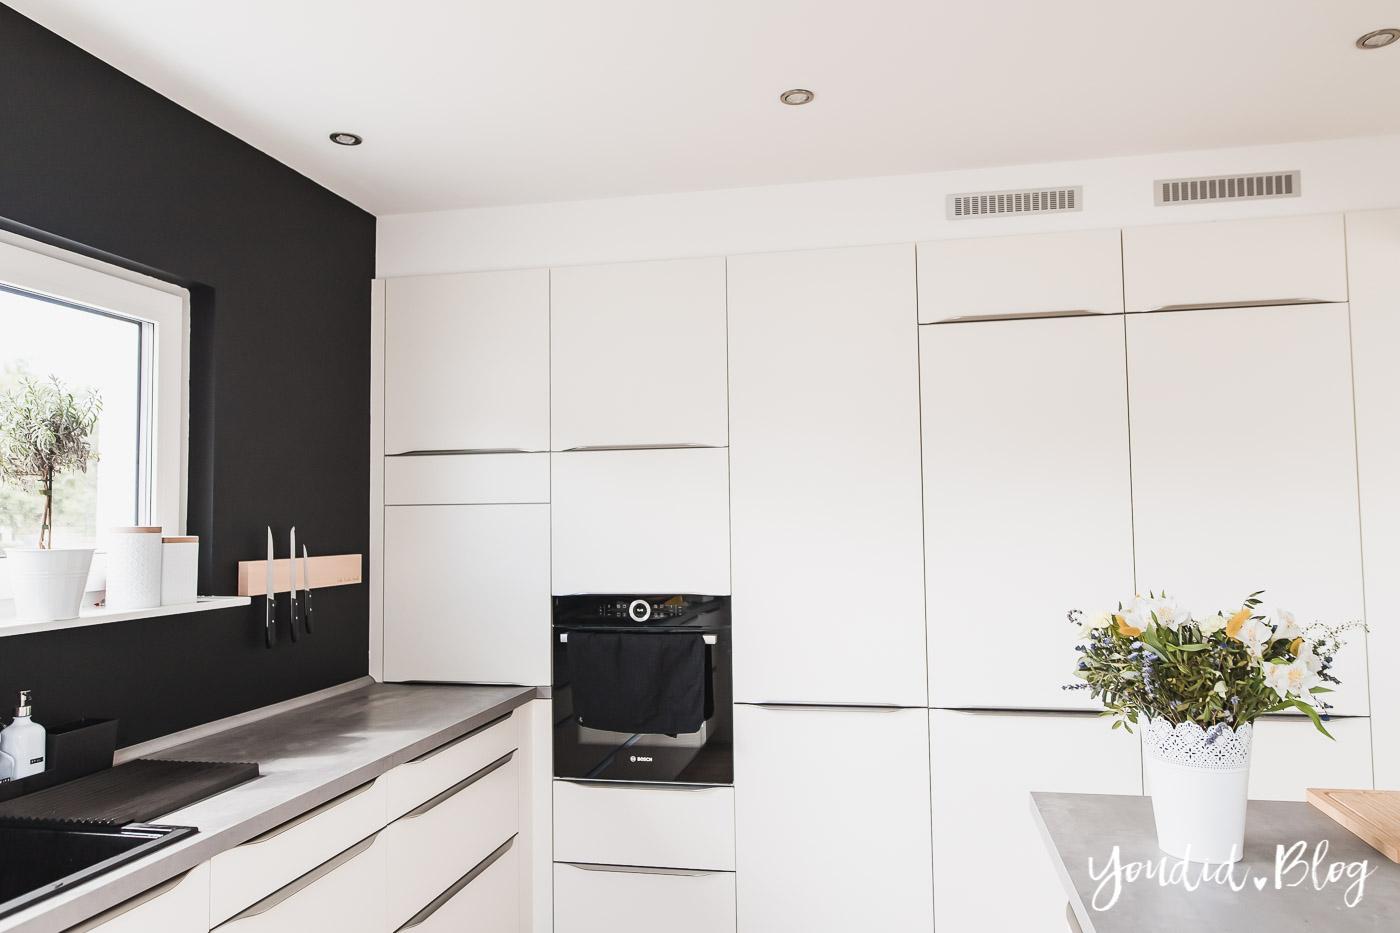 Bauanleitung Küchenschränke verkoffern Küche schwarz streichen Black White Kitchen | https://youdid.blog